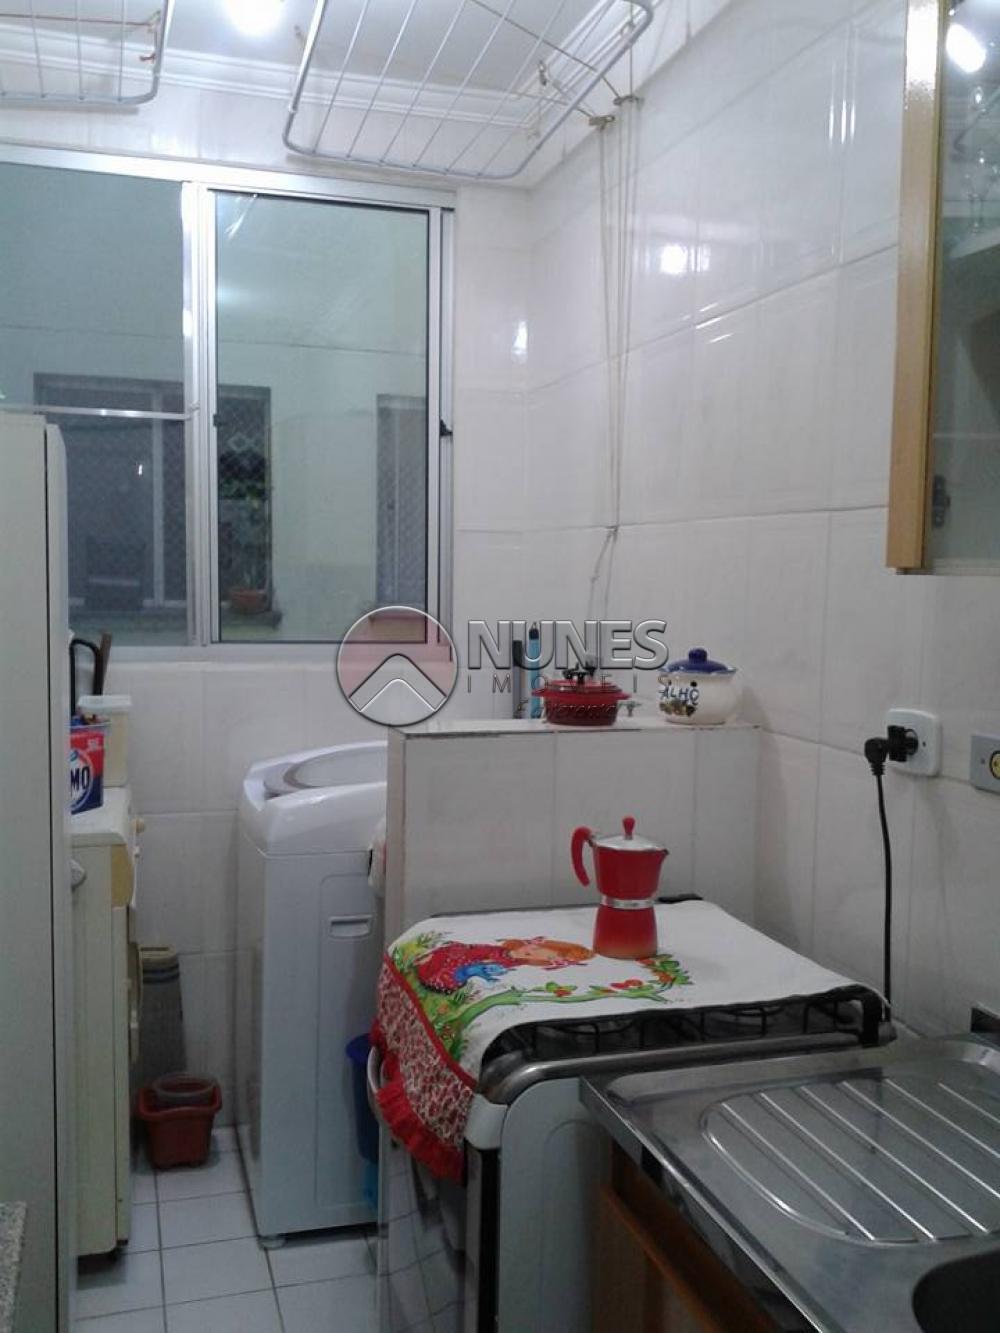 Comprar Apartamento / Padrão em Carapicuíba apenas R$ 165.000,00 - Foto 11